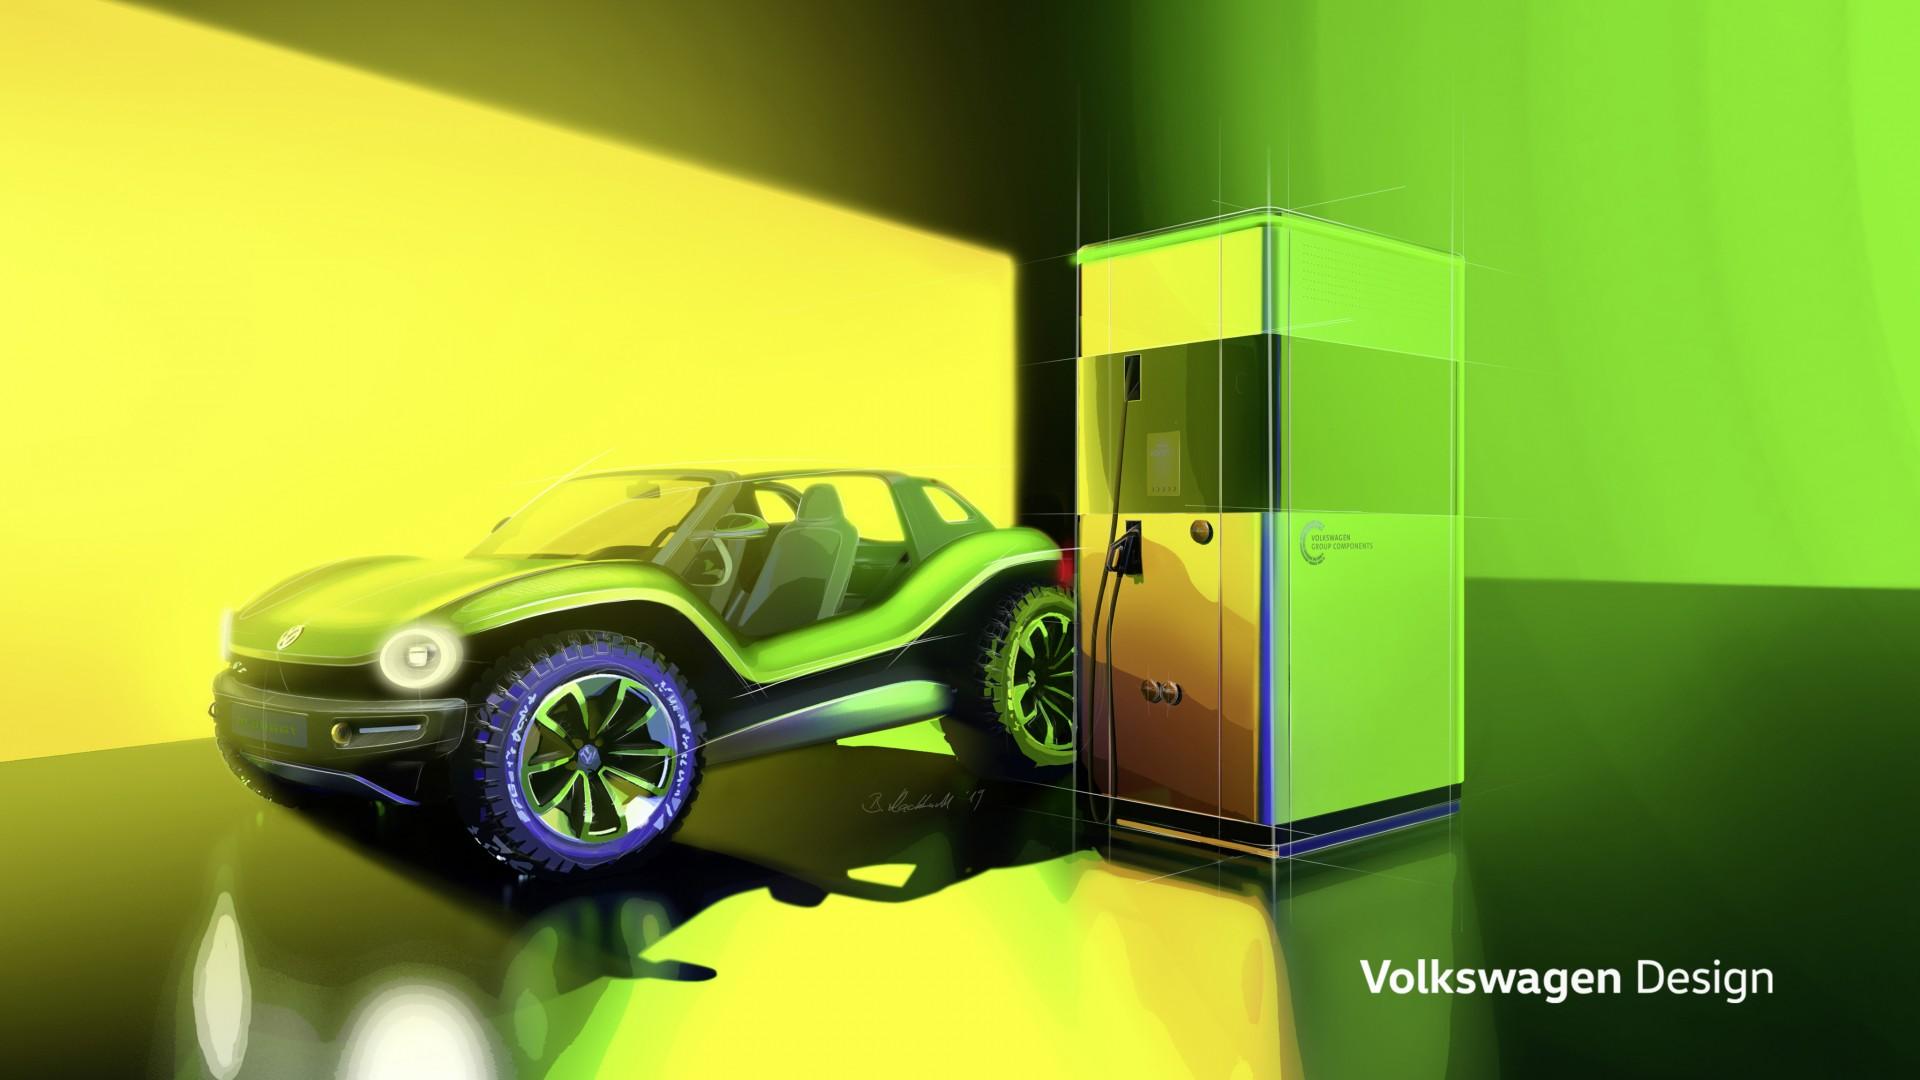 Volkswagen onthult met powerbank nieuwe stap in mobiele energie-opslag